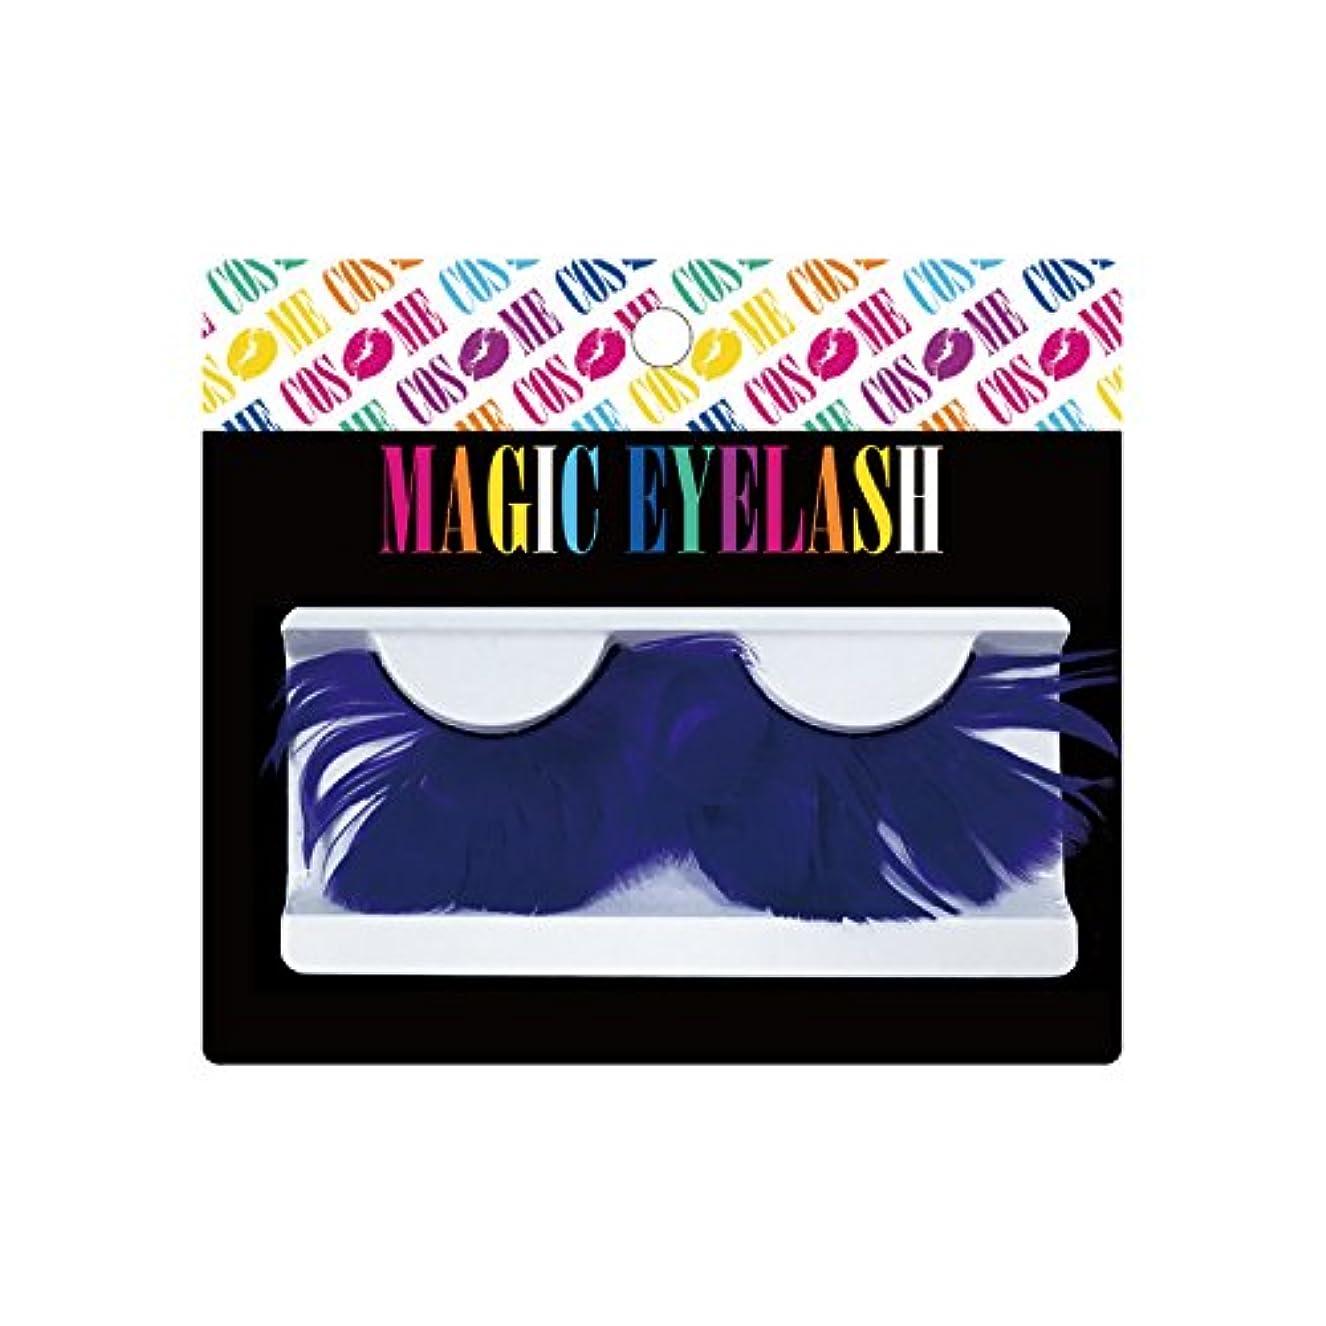 明らか努力アマチュアピュア つけまつげ MAGIC EYELASH マジック アイラッシュ #15